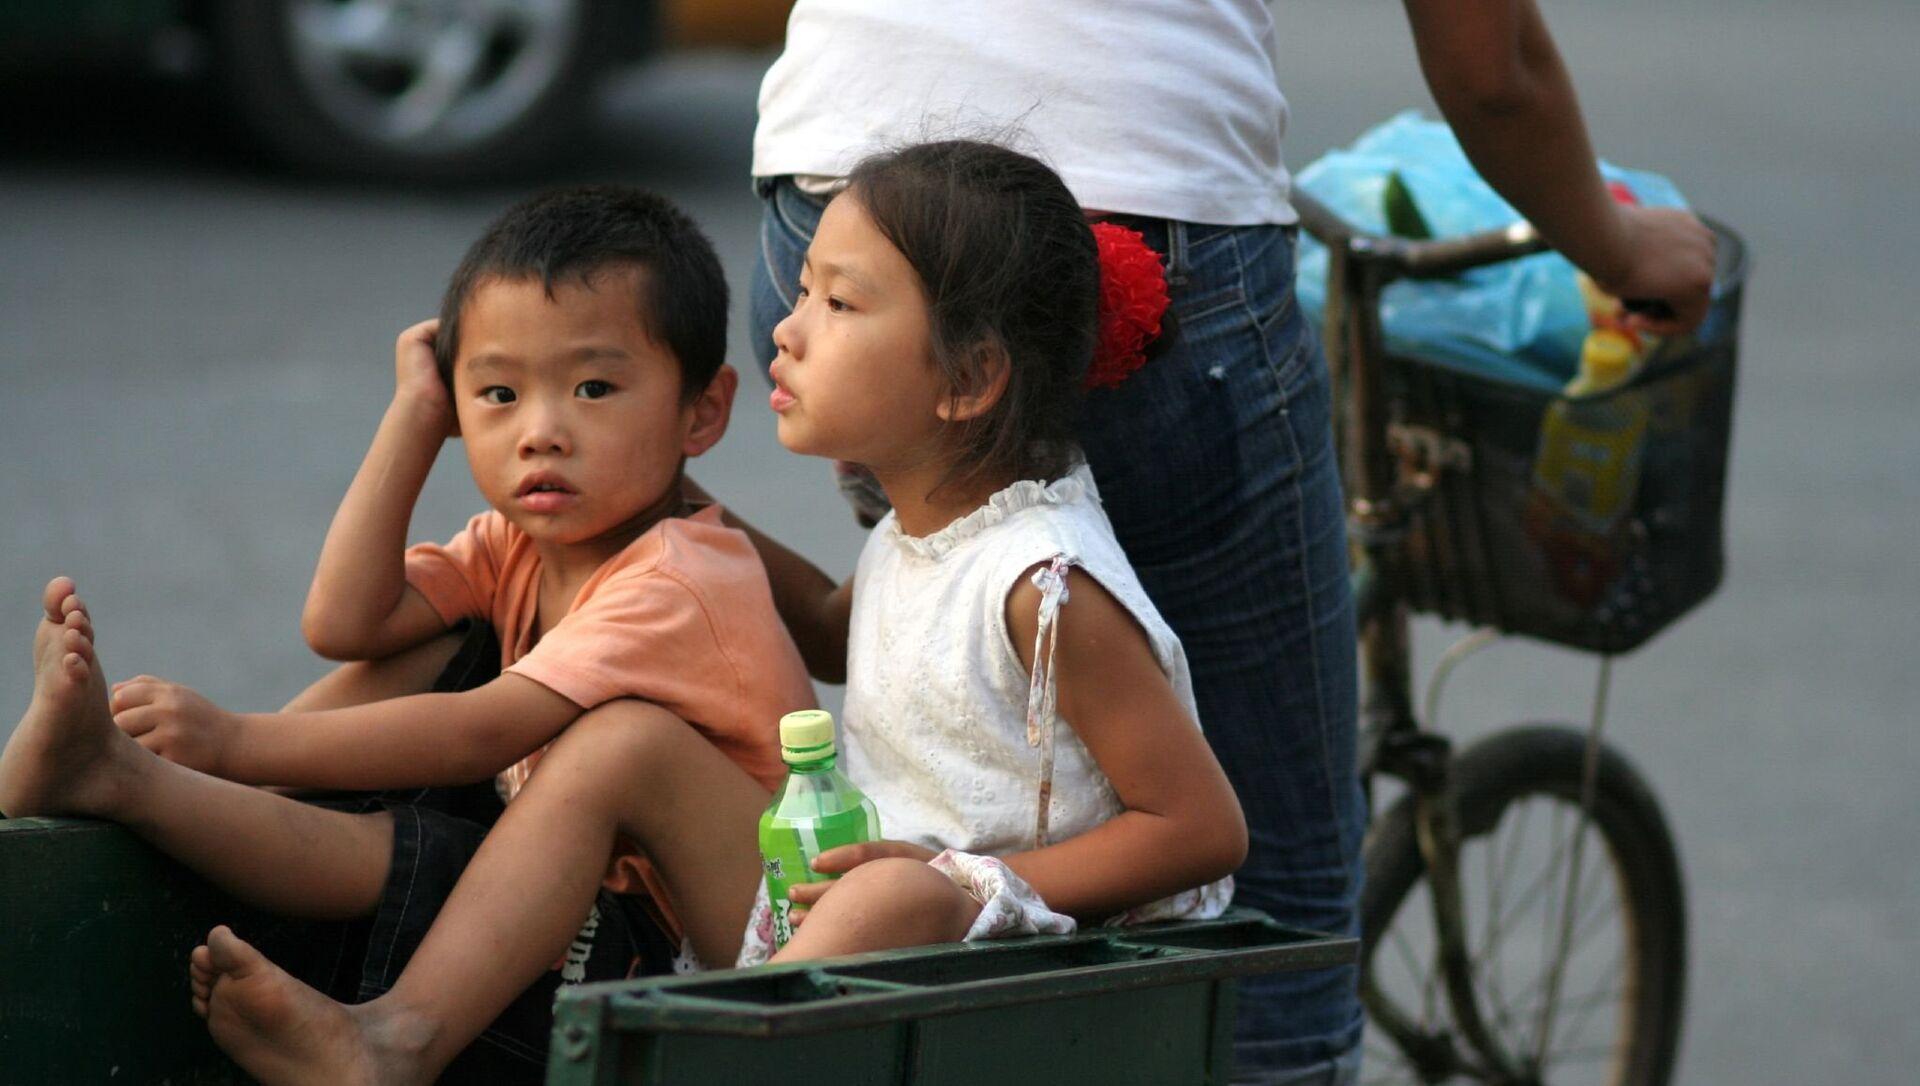 中国の子供 - Sputnik 日本, 1920, 31.05.2021